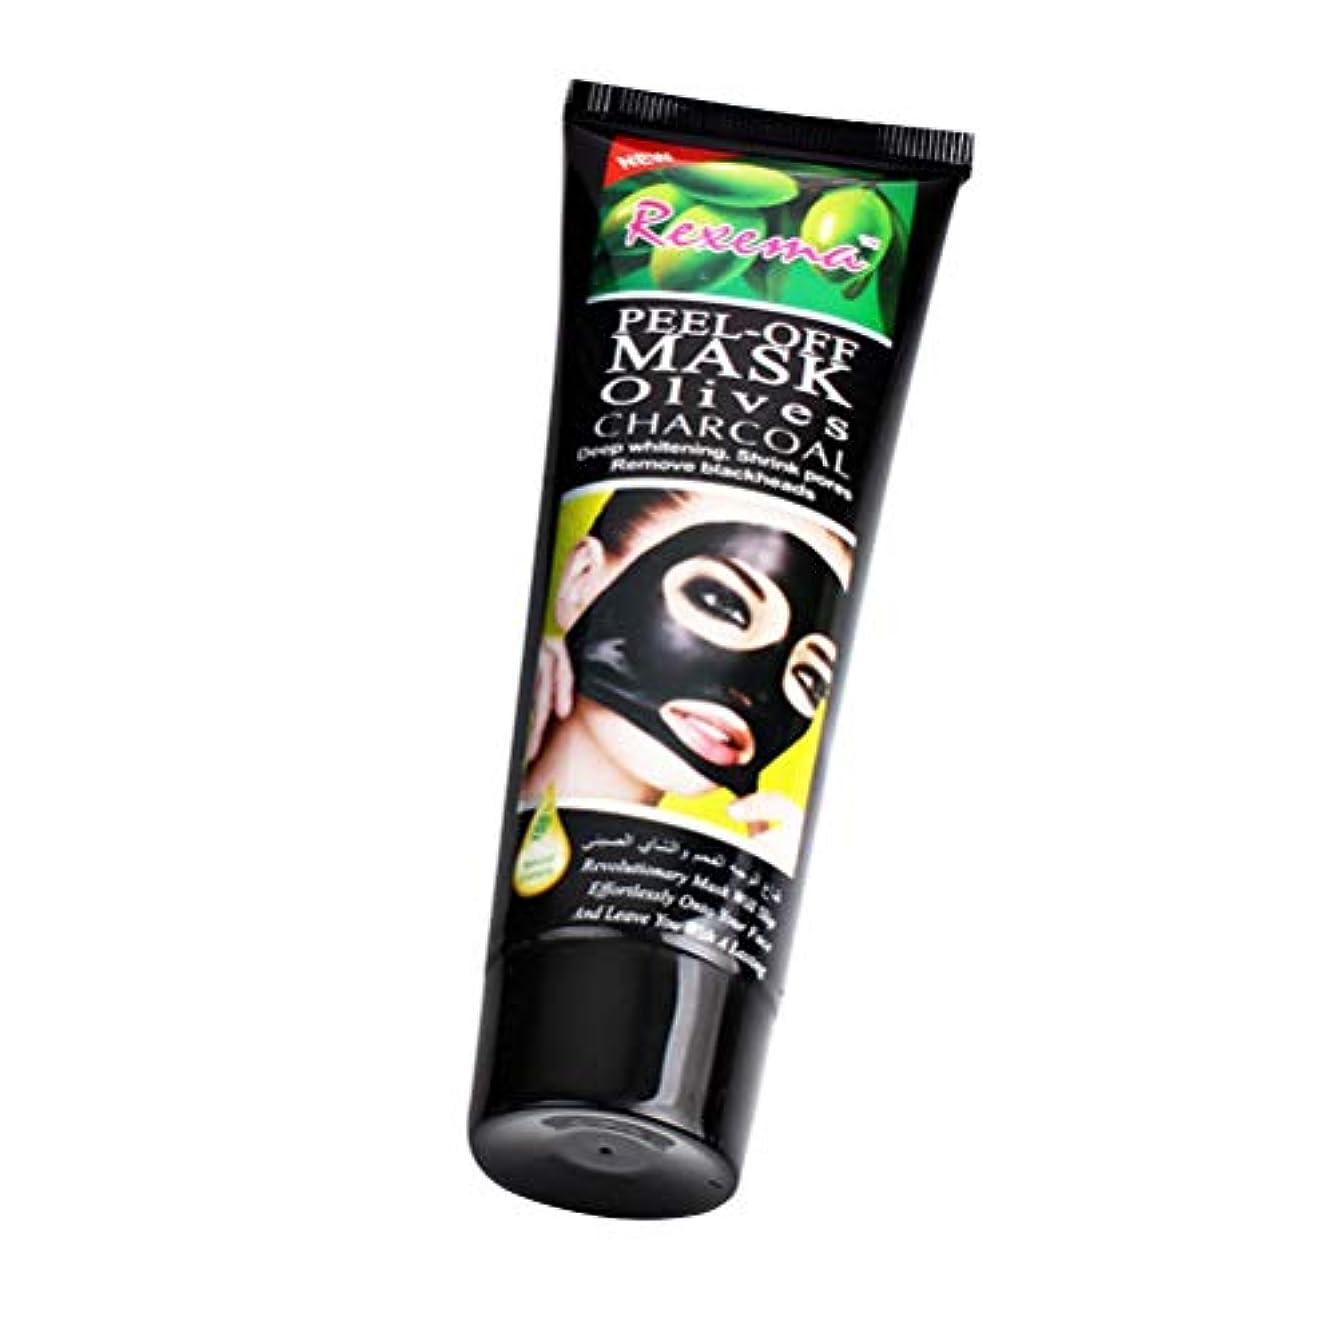 早く引き出し火SUPVOX にきびの顔の毛穴の最小化装置の深い毛穴の浄化の処置のための自然なオリーブの顔のマスクの顔のマスクはしわのクリーニングおよび養う顔を減らします